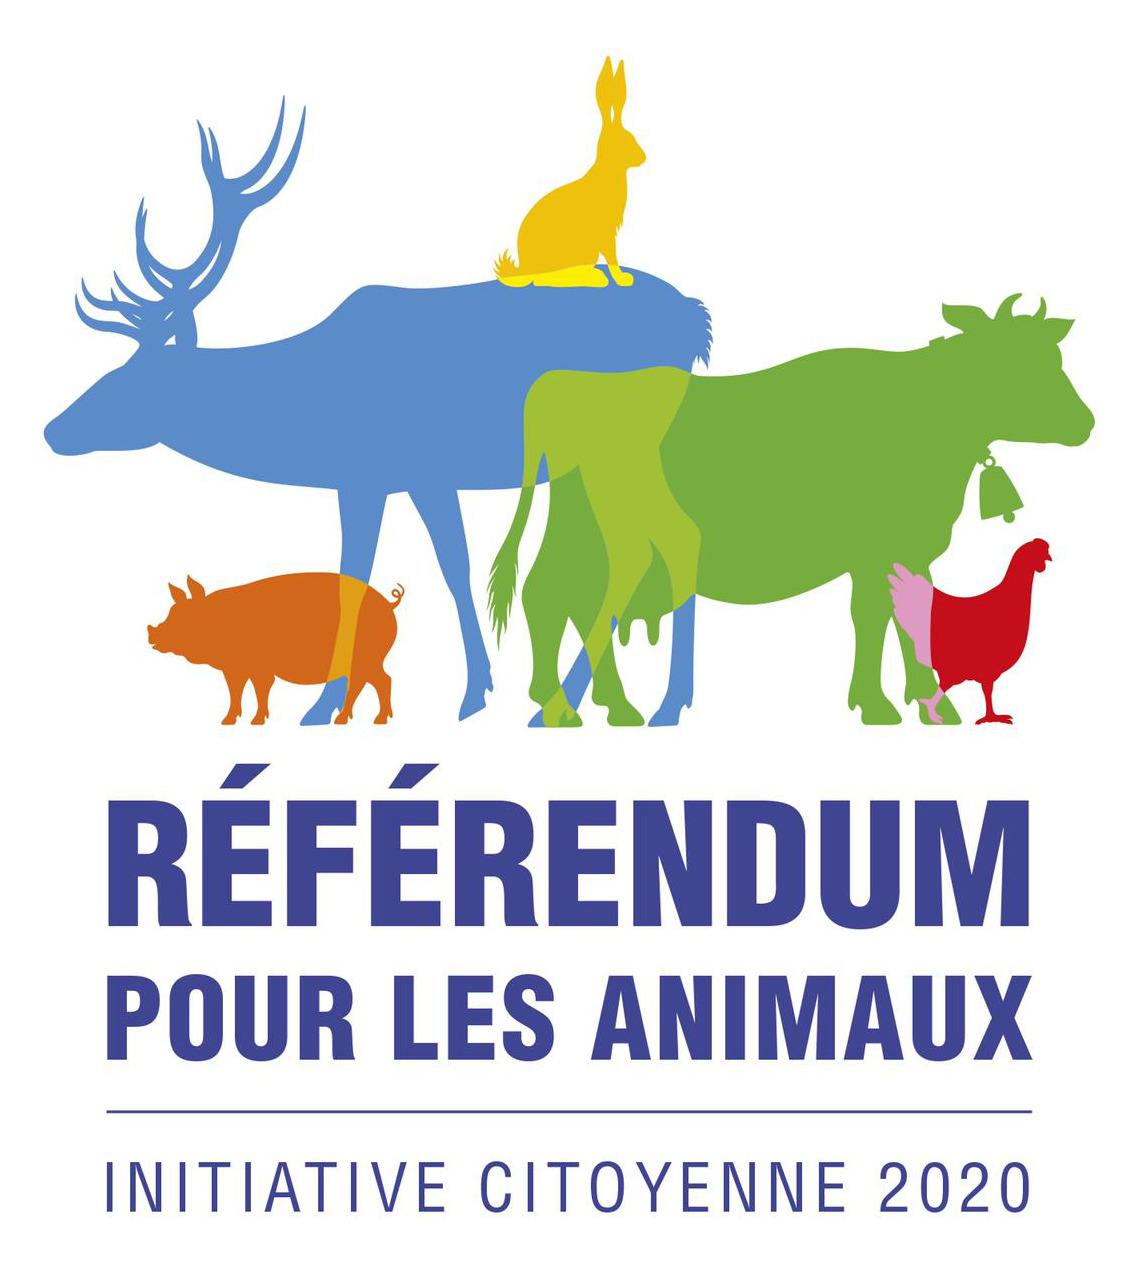 Référendum partagé pour les animaux : une action citoyenne en faveur du bien-être animal